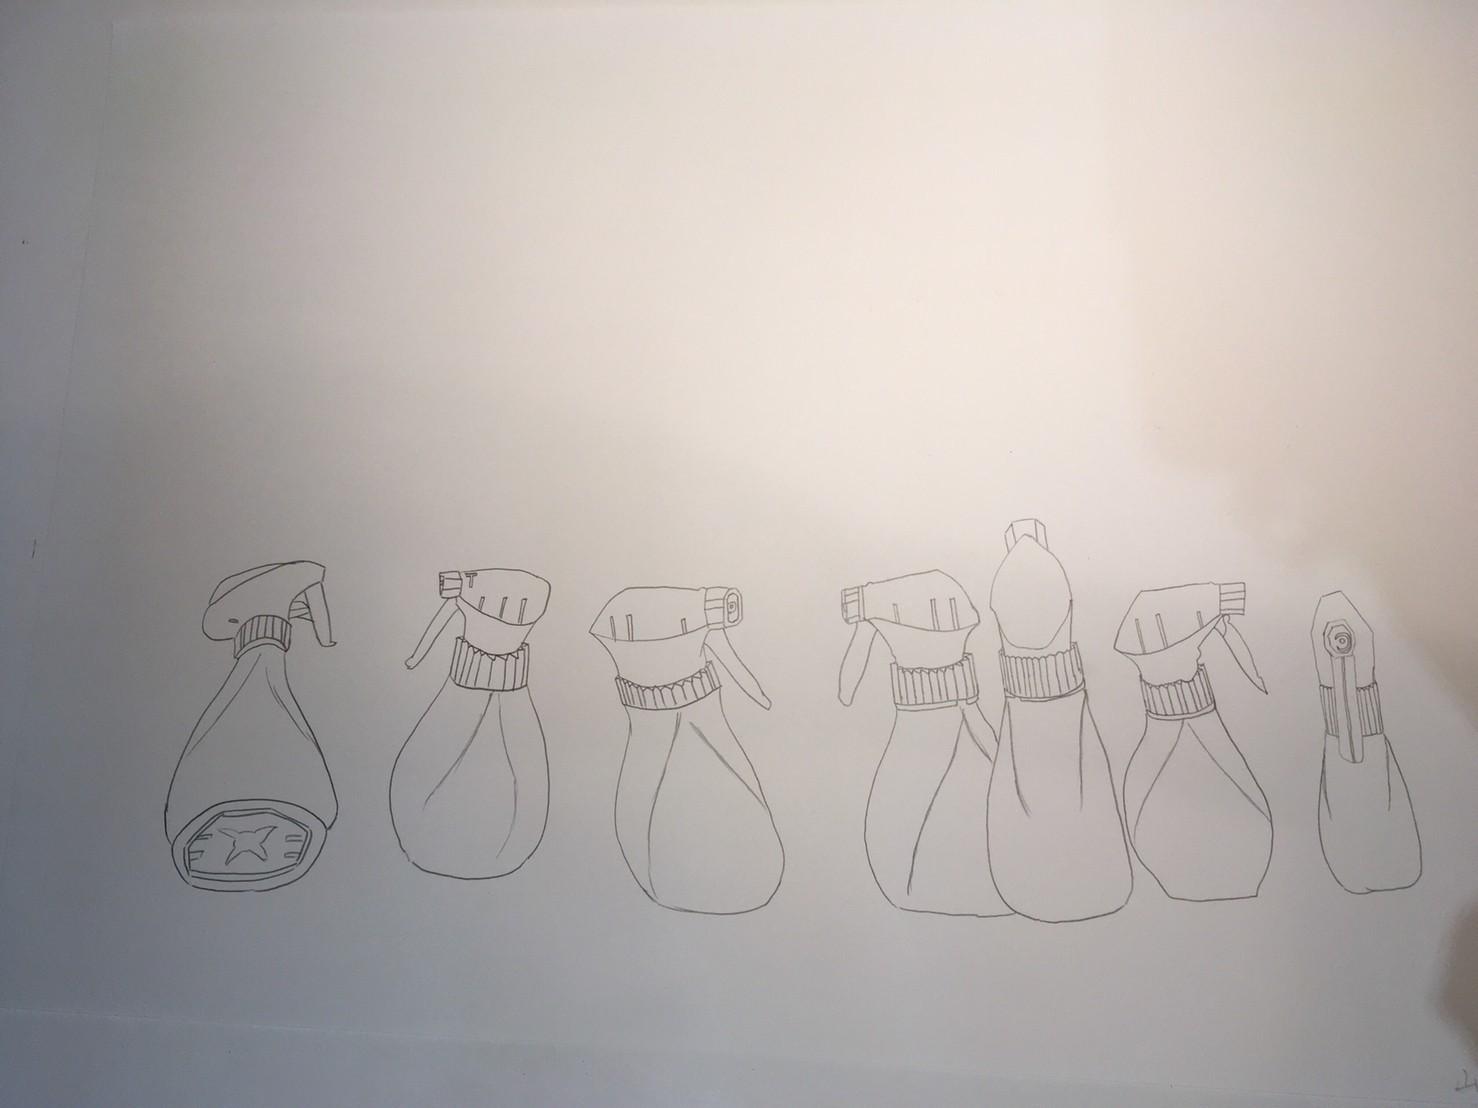 鉛筆で描こう~立体の表現へ向けて~_d0076558_15165131.jpg